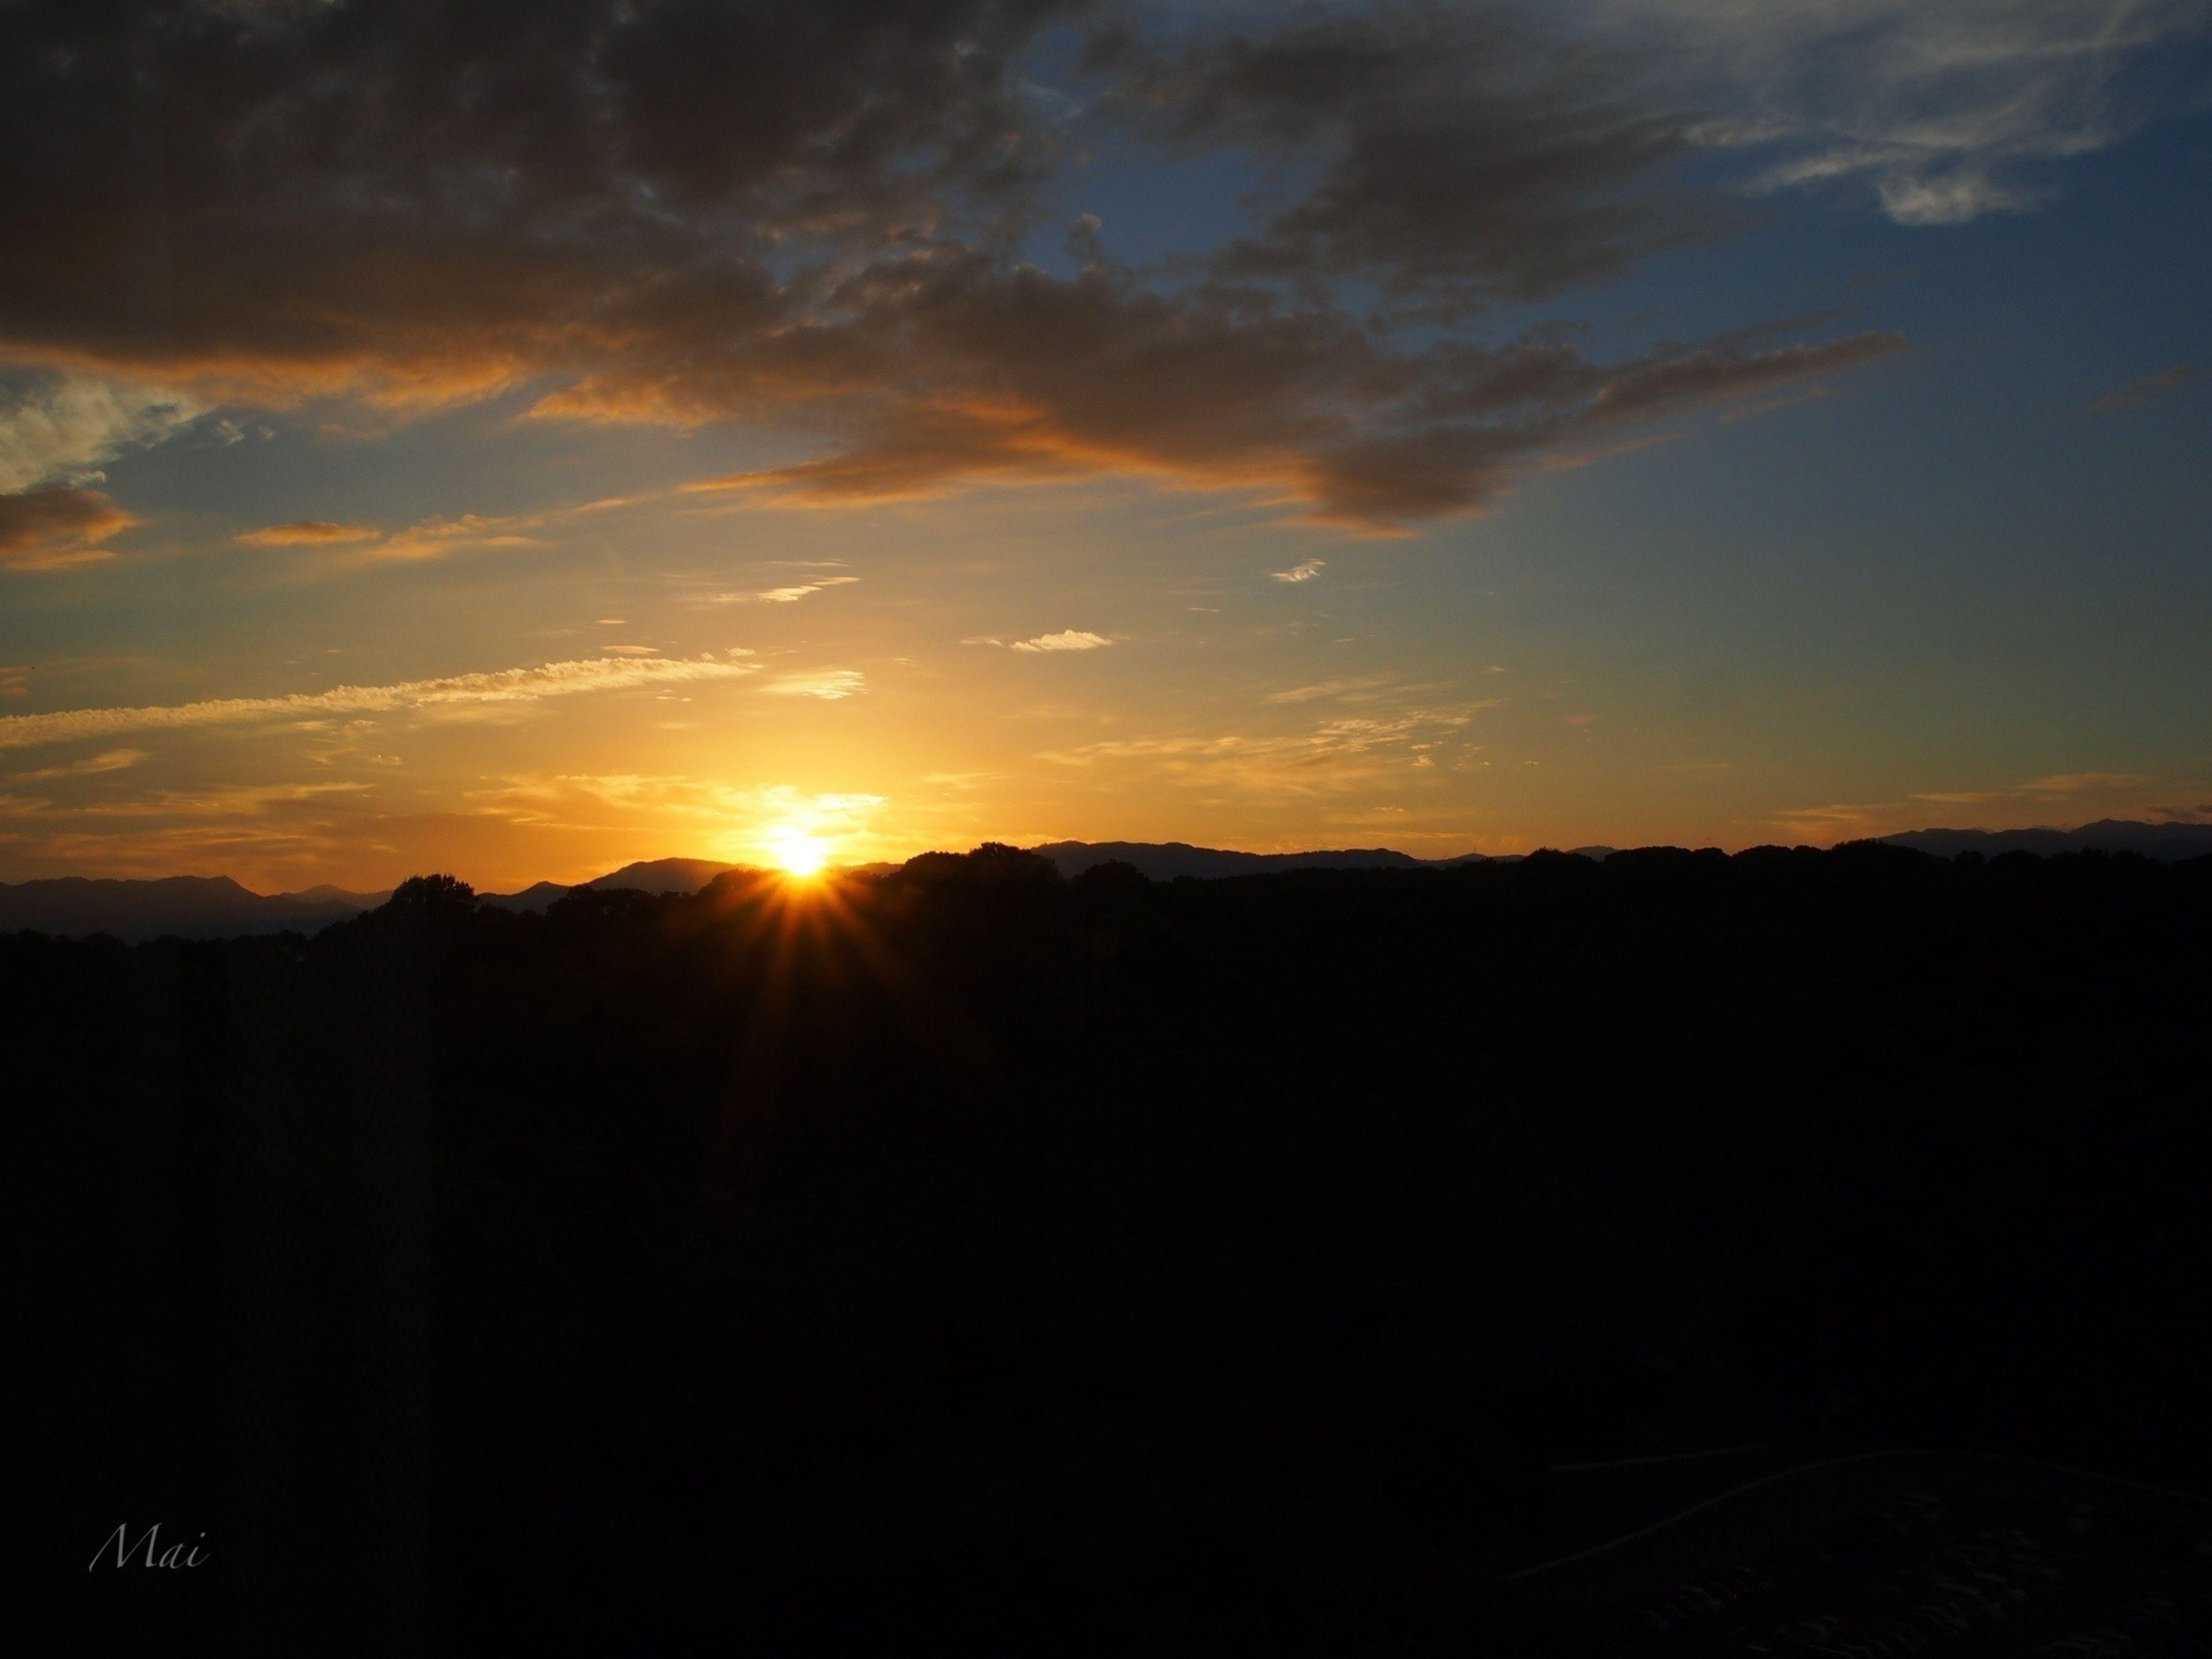 sunset, silhouette, sun, scenics, tranquil scene, beauty in nature, sky, tranquility, orange color, idyllic, nature, landscape, sunlight, dark, cloud - sky, cloud, outline, sunbeam, outdoors, dramatic sky